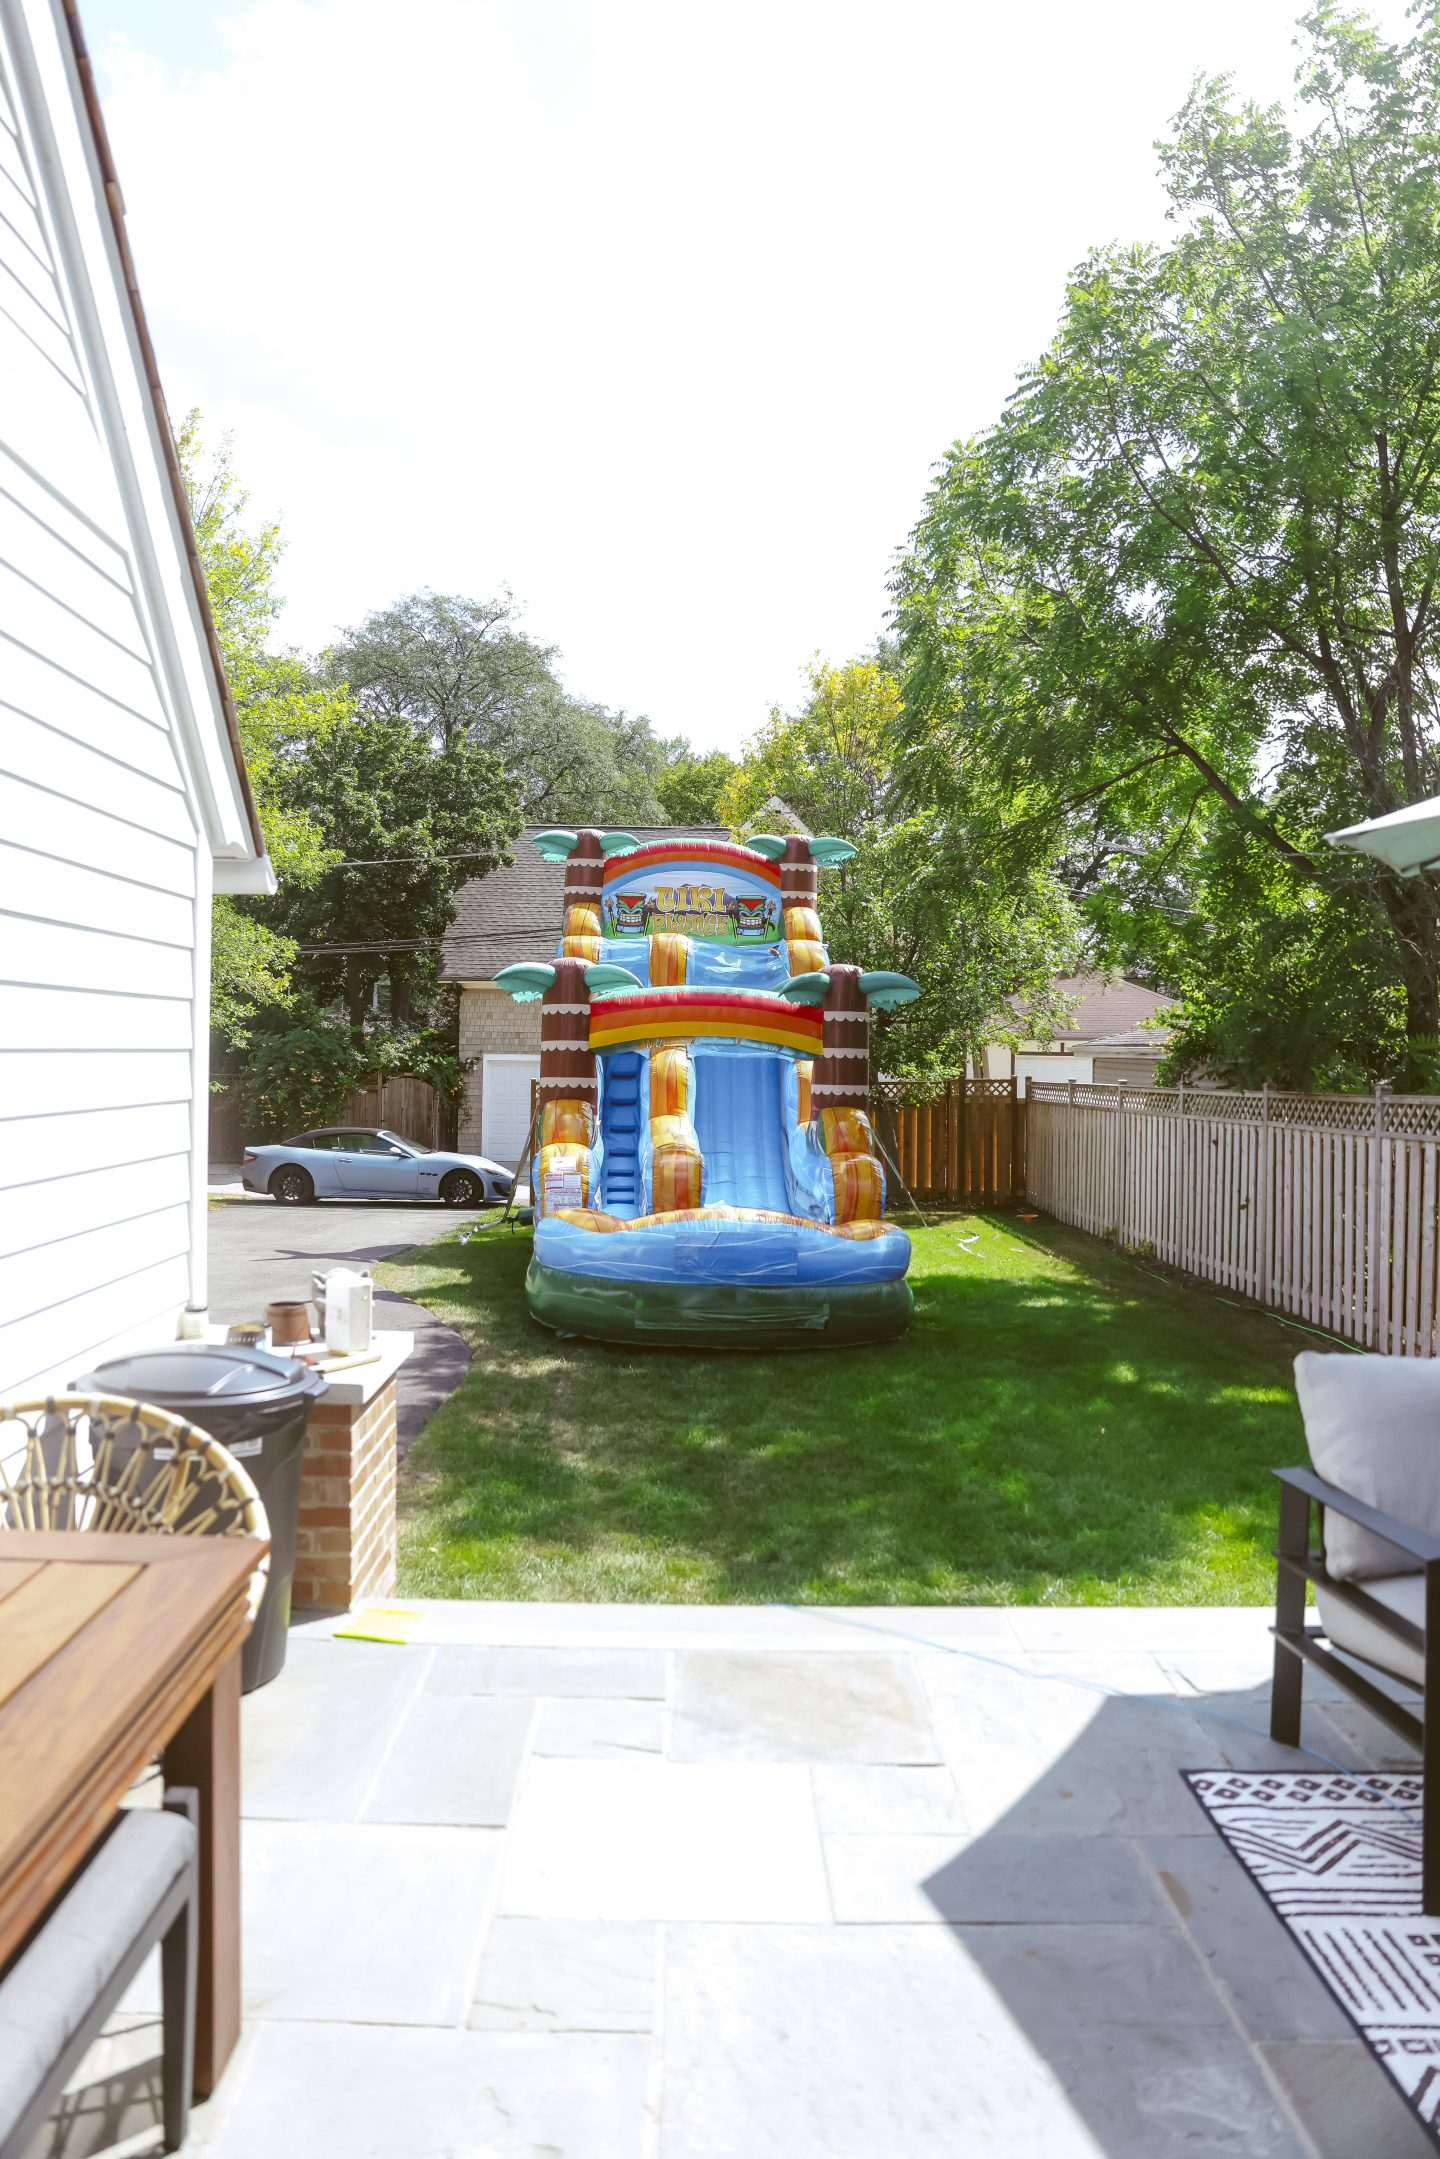 kids birthday party ideas, kids birthday, 4th birthday ideas, chicago events, Chicago party planner, Chicago event planner, kids party idea, Chicago mom, mom blogger, mom blog, mommy blog